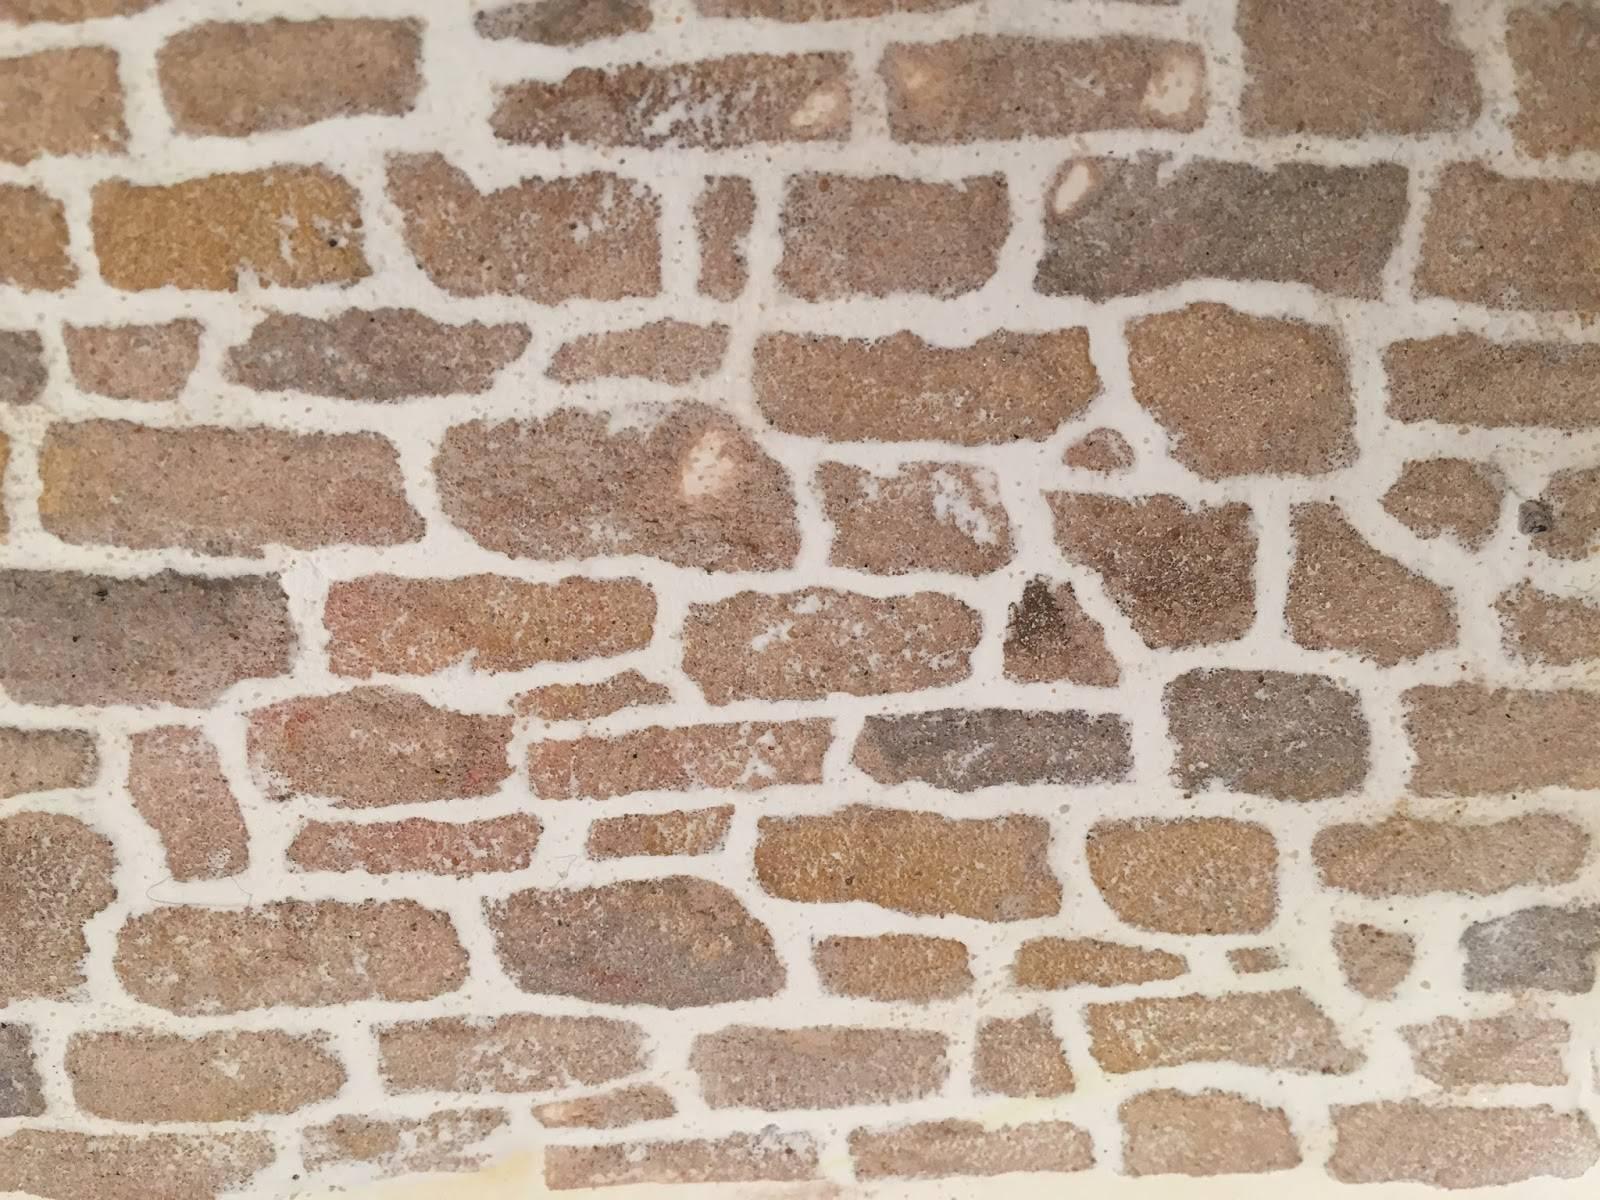 brick wallpaper unique white brick wall for wall decor by print a wallpaper brick wall of brick wallpaper